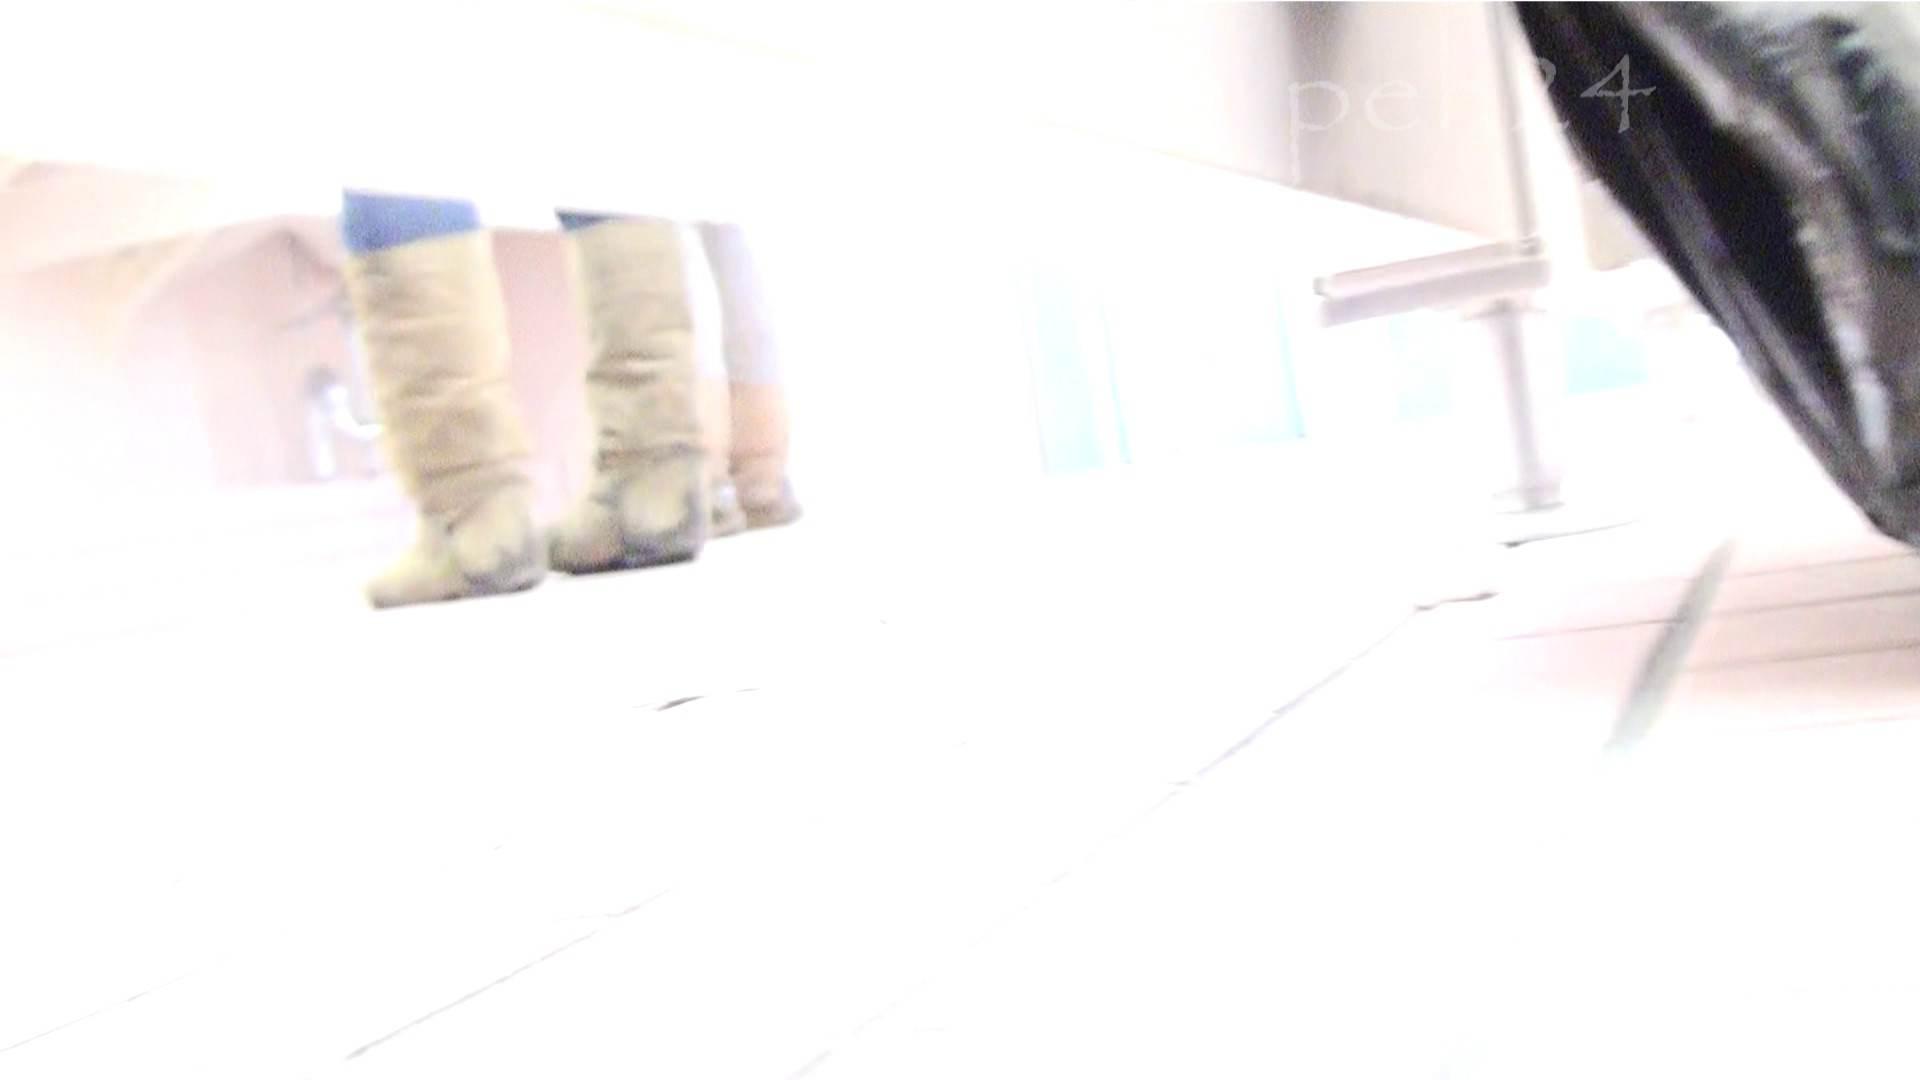 ※100個限定販売 至高下半身盗撮 プレミアム Vol.24 ハイビジョン 丸見え おまんこ無修正動画無料 112画像 80